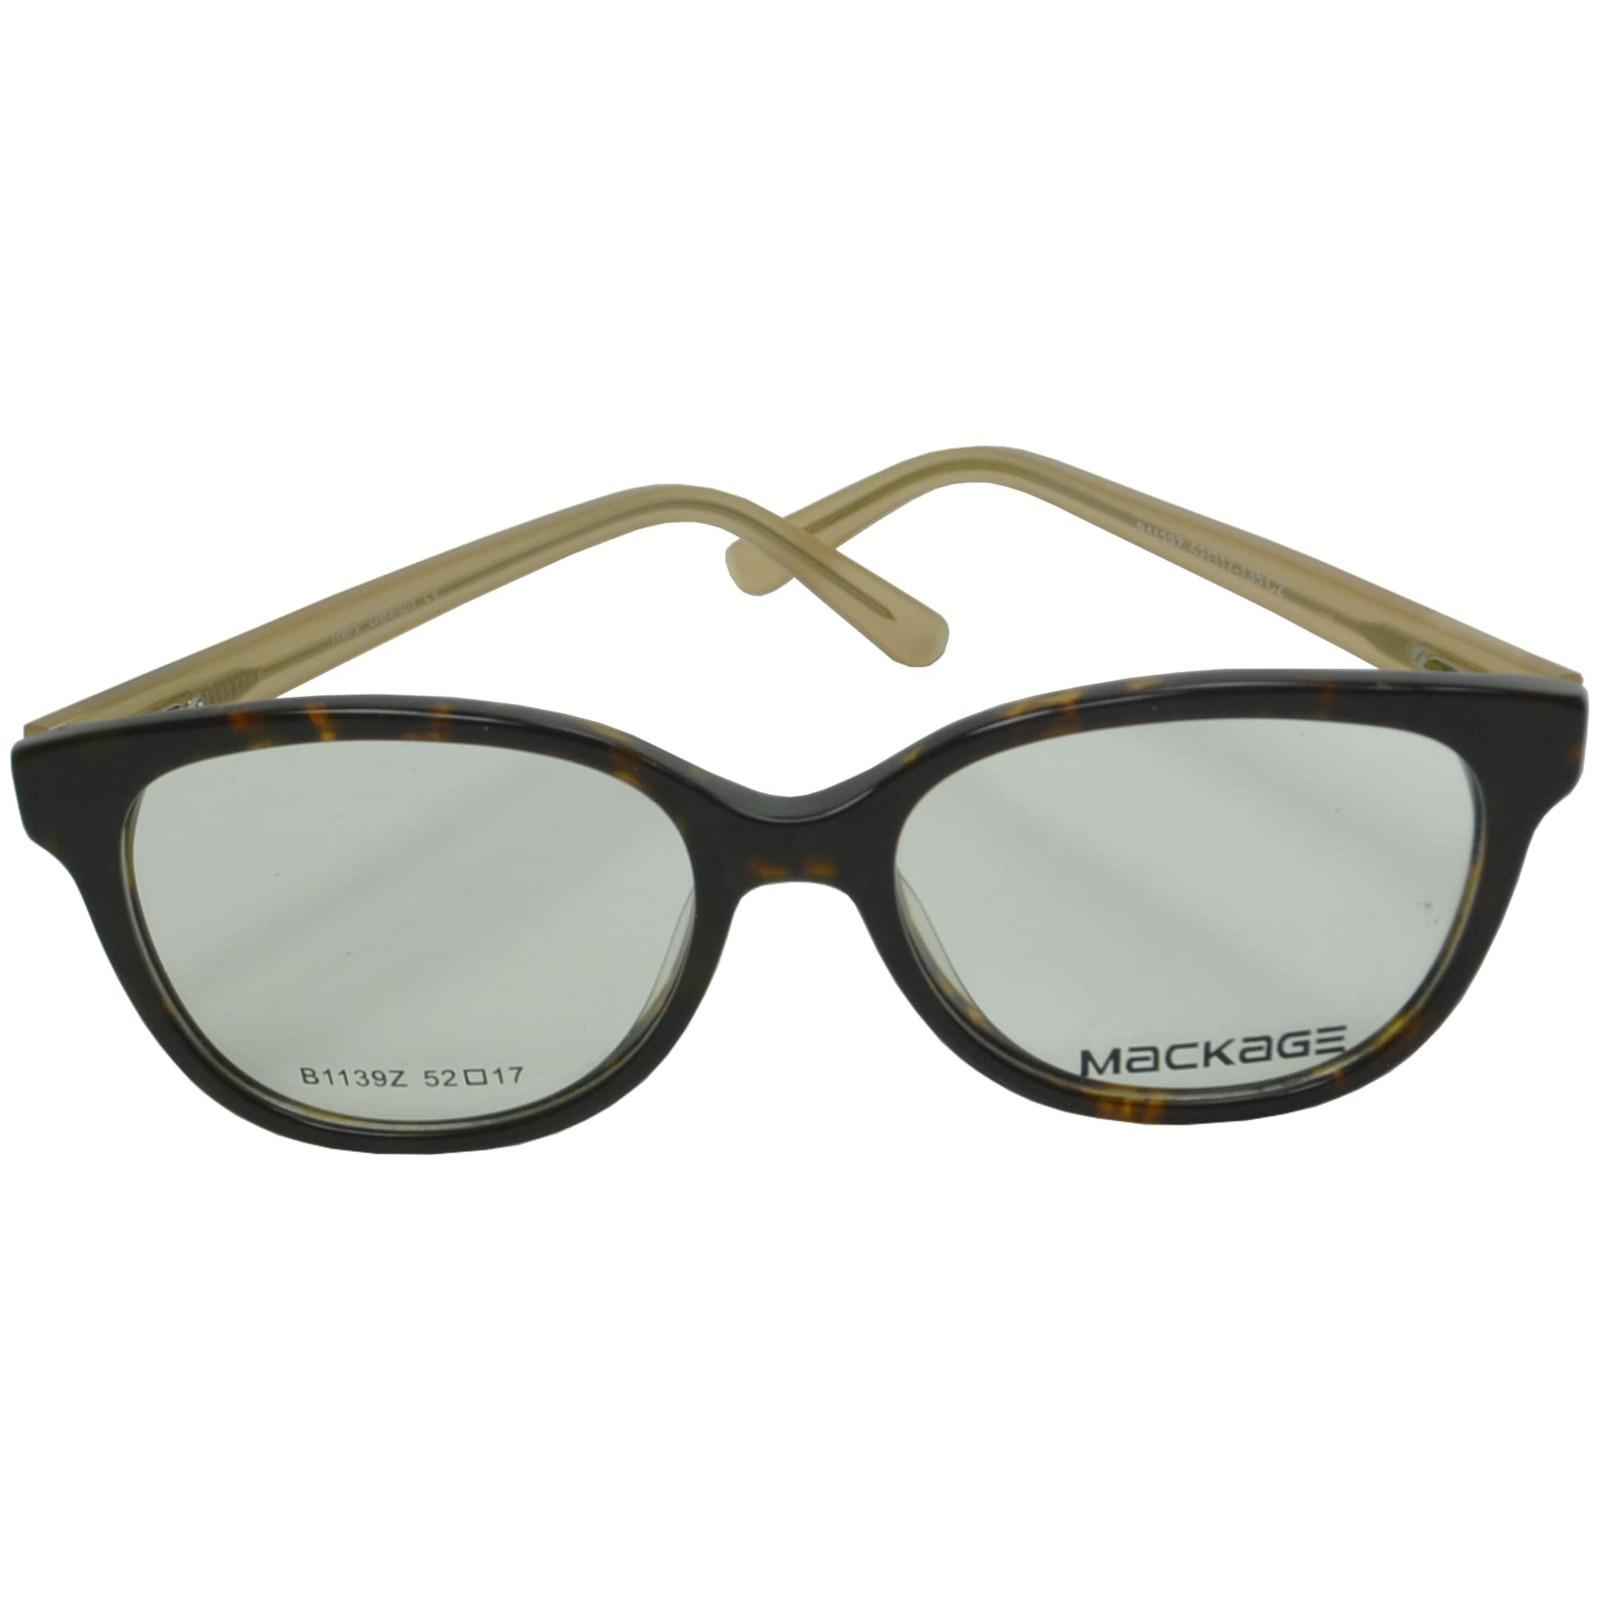 Armação Óculos De Grau Mackage Masculino Retangular - Preto/Bege